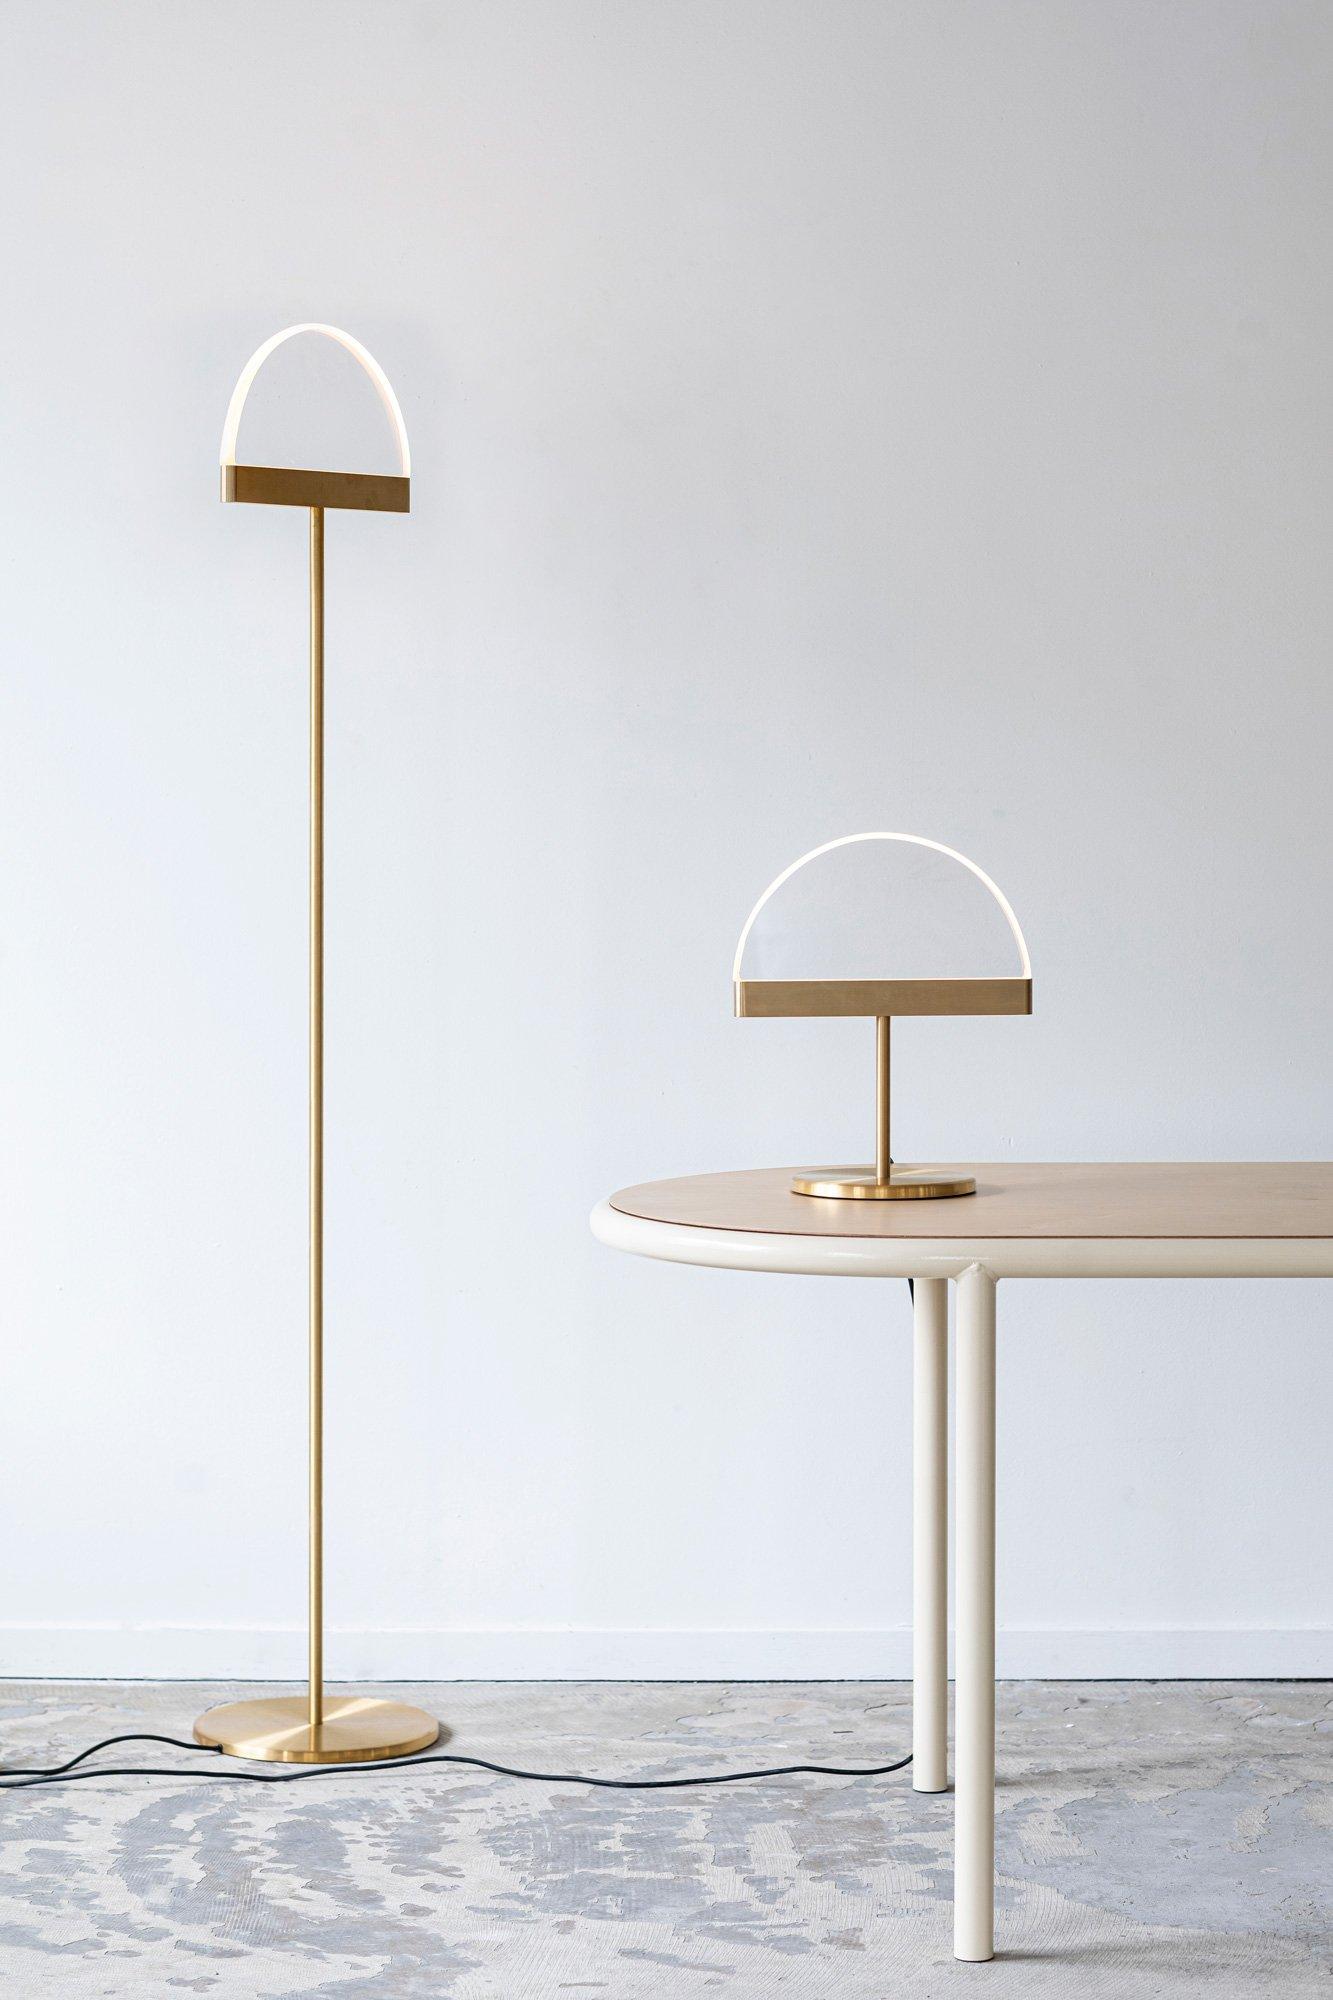 Gläserne Leuchtenkollektion von Maarten De Ceulaer für Valerie Objects